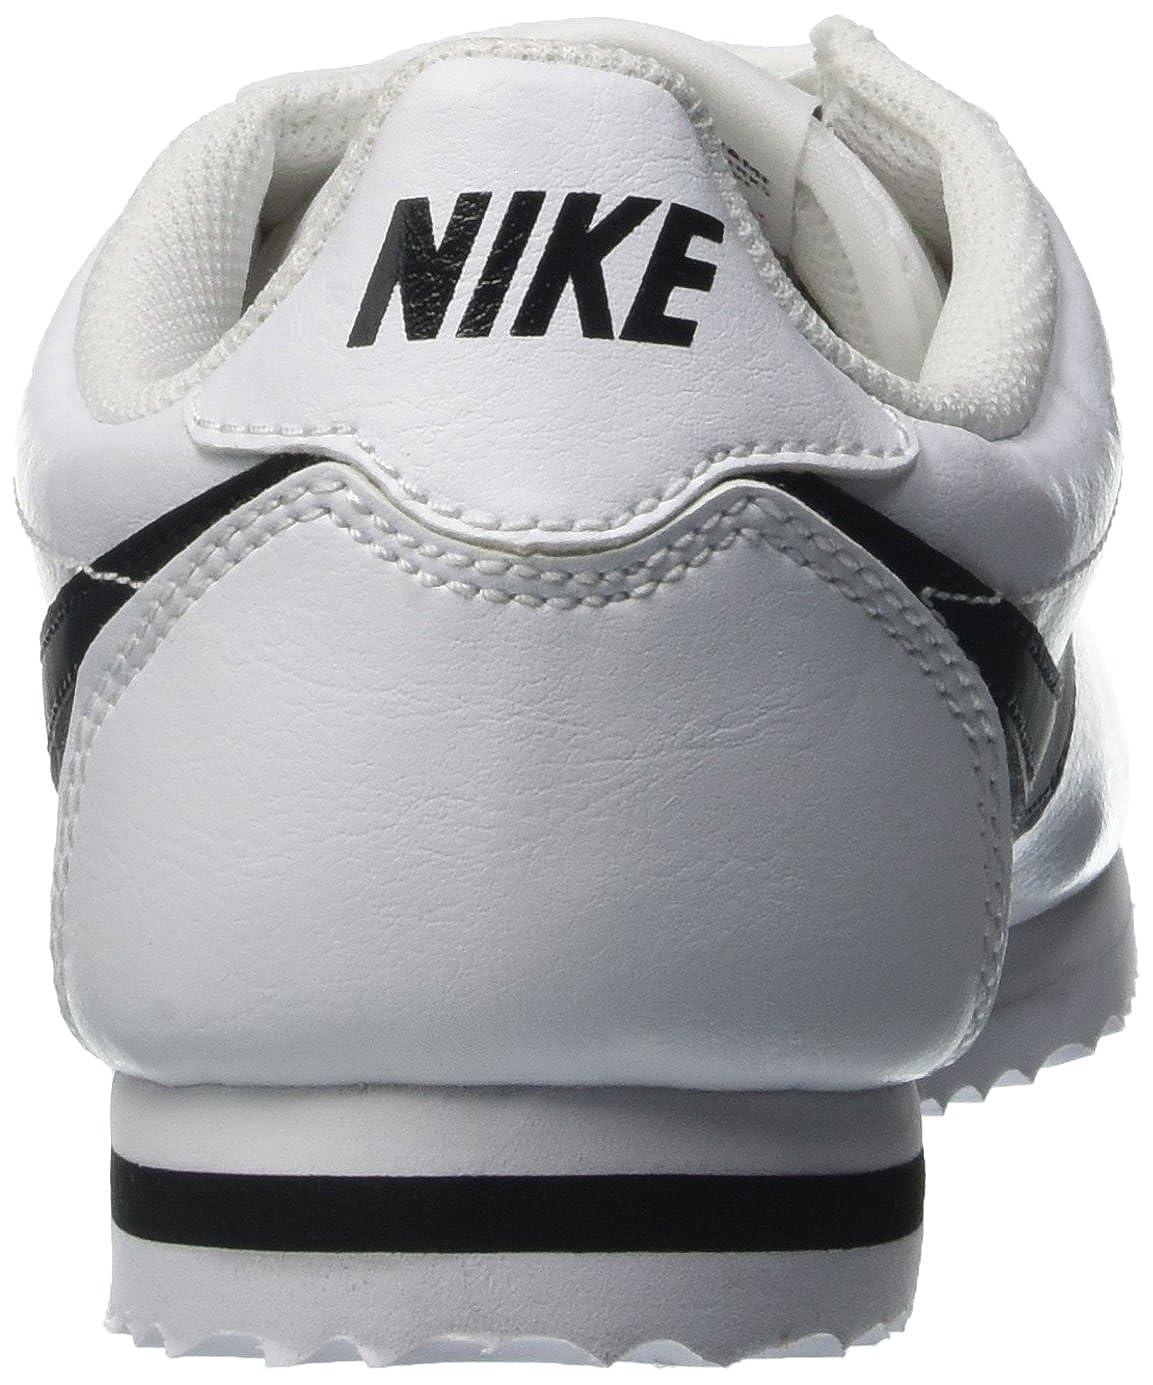 Unisex CortezZapatillas Nike CortezZapatillas Nike Nike Niños Unisex Niños b7gvfyIY6